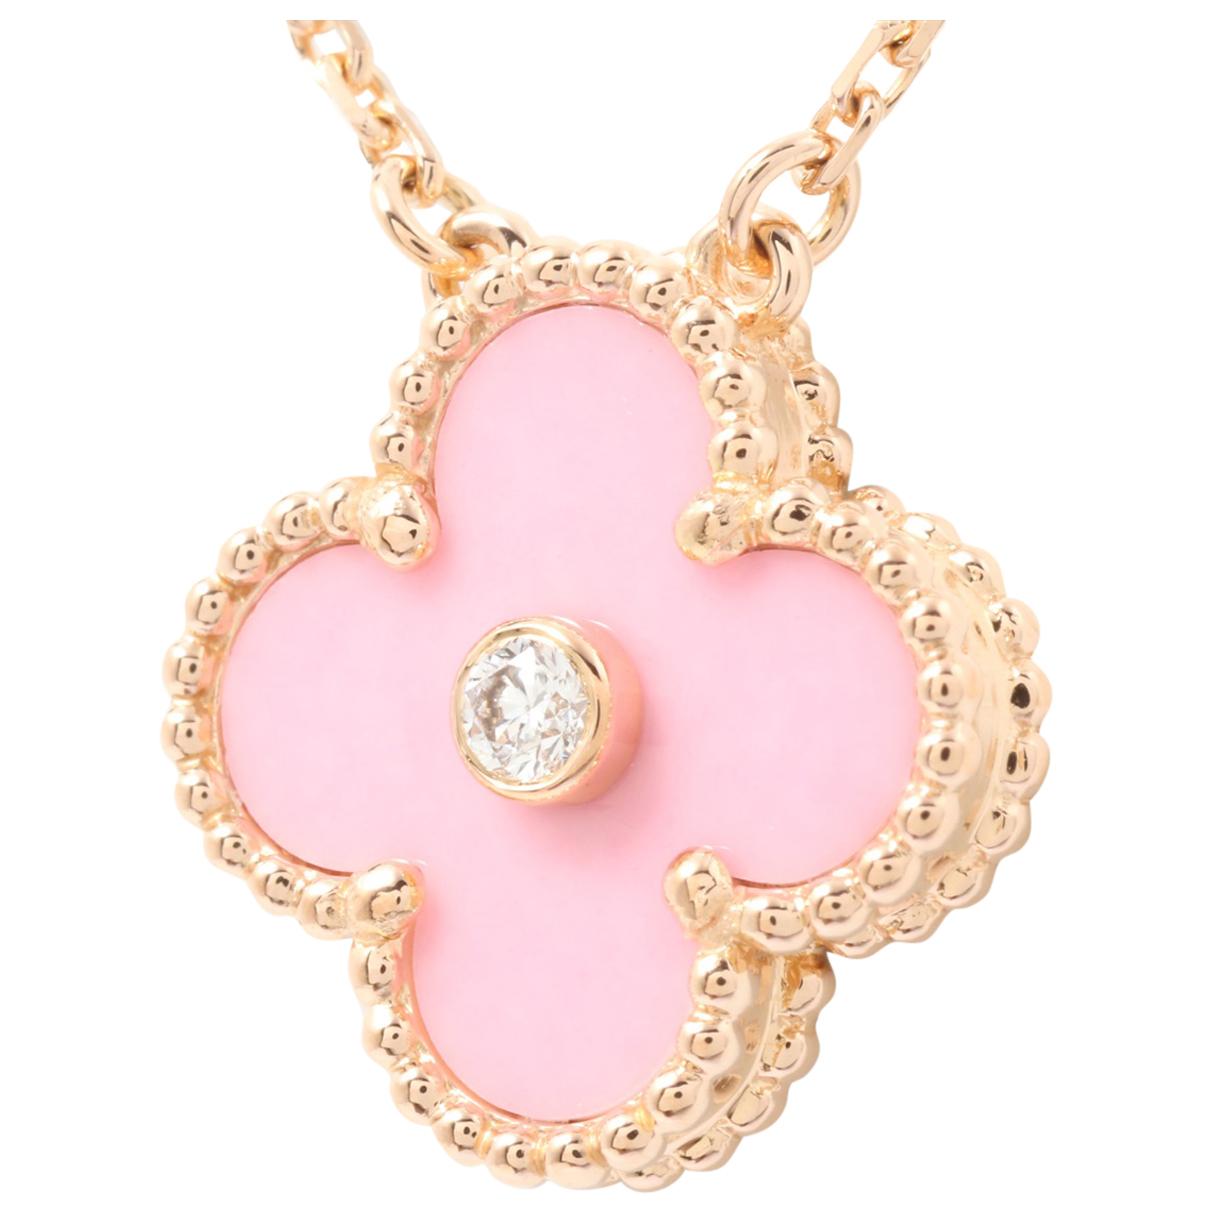 Van Cleef & Arpels - Collier Vintage Alhambra pour femme en or rose - dore